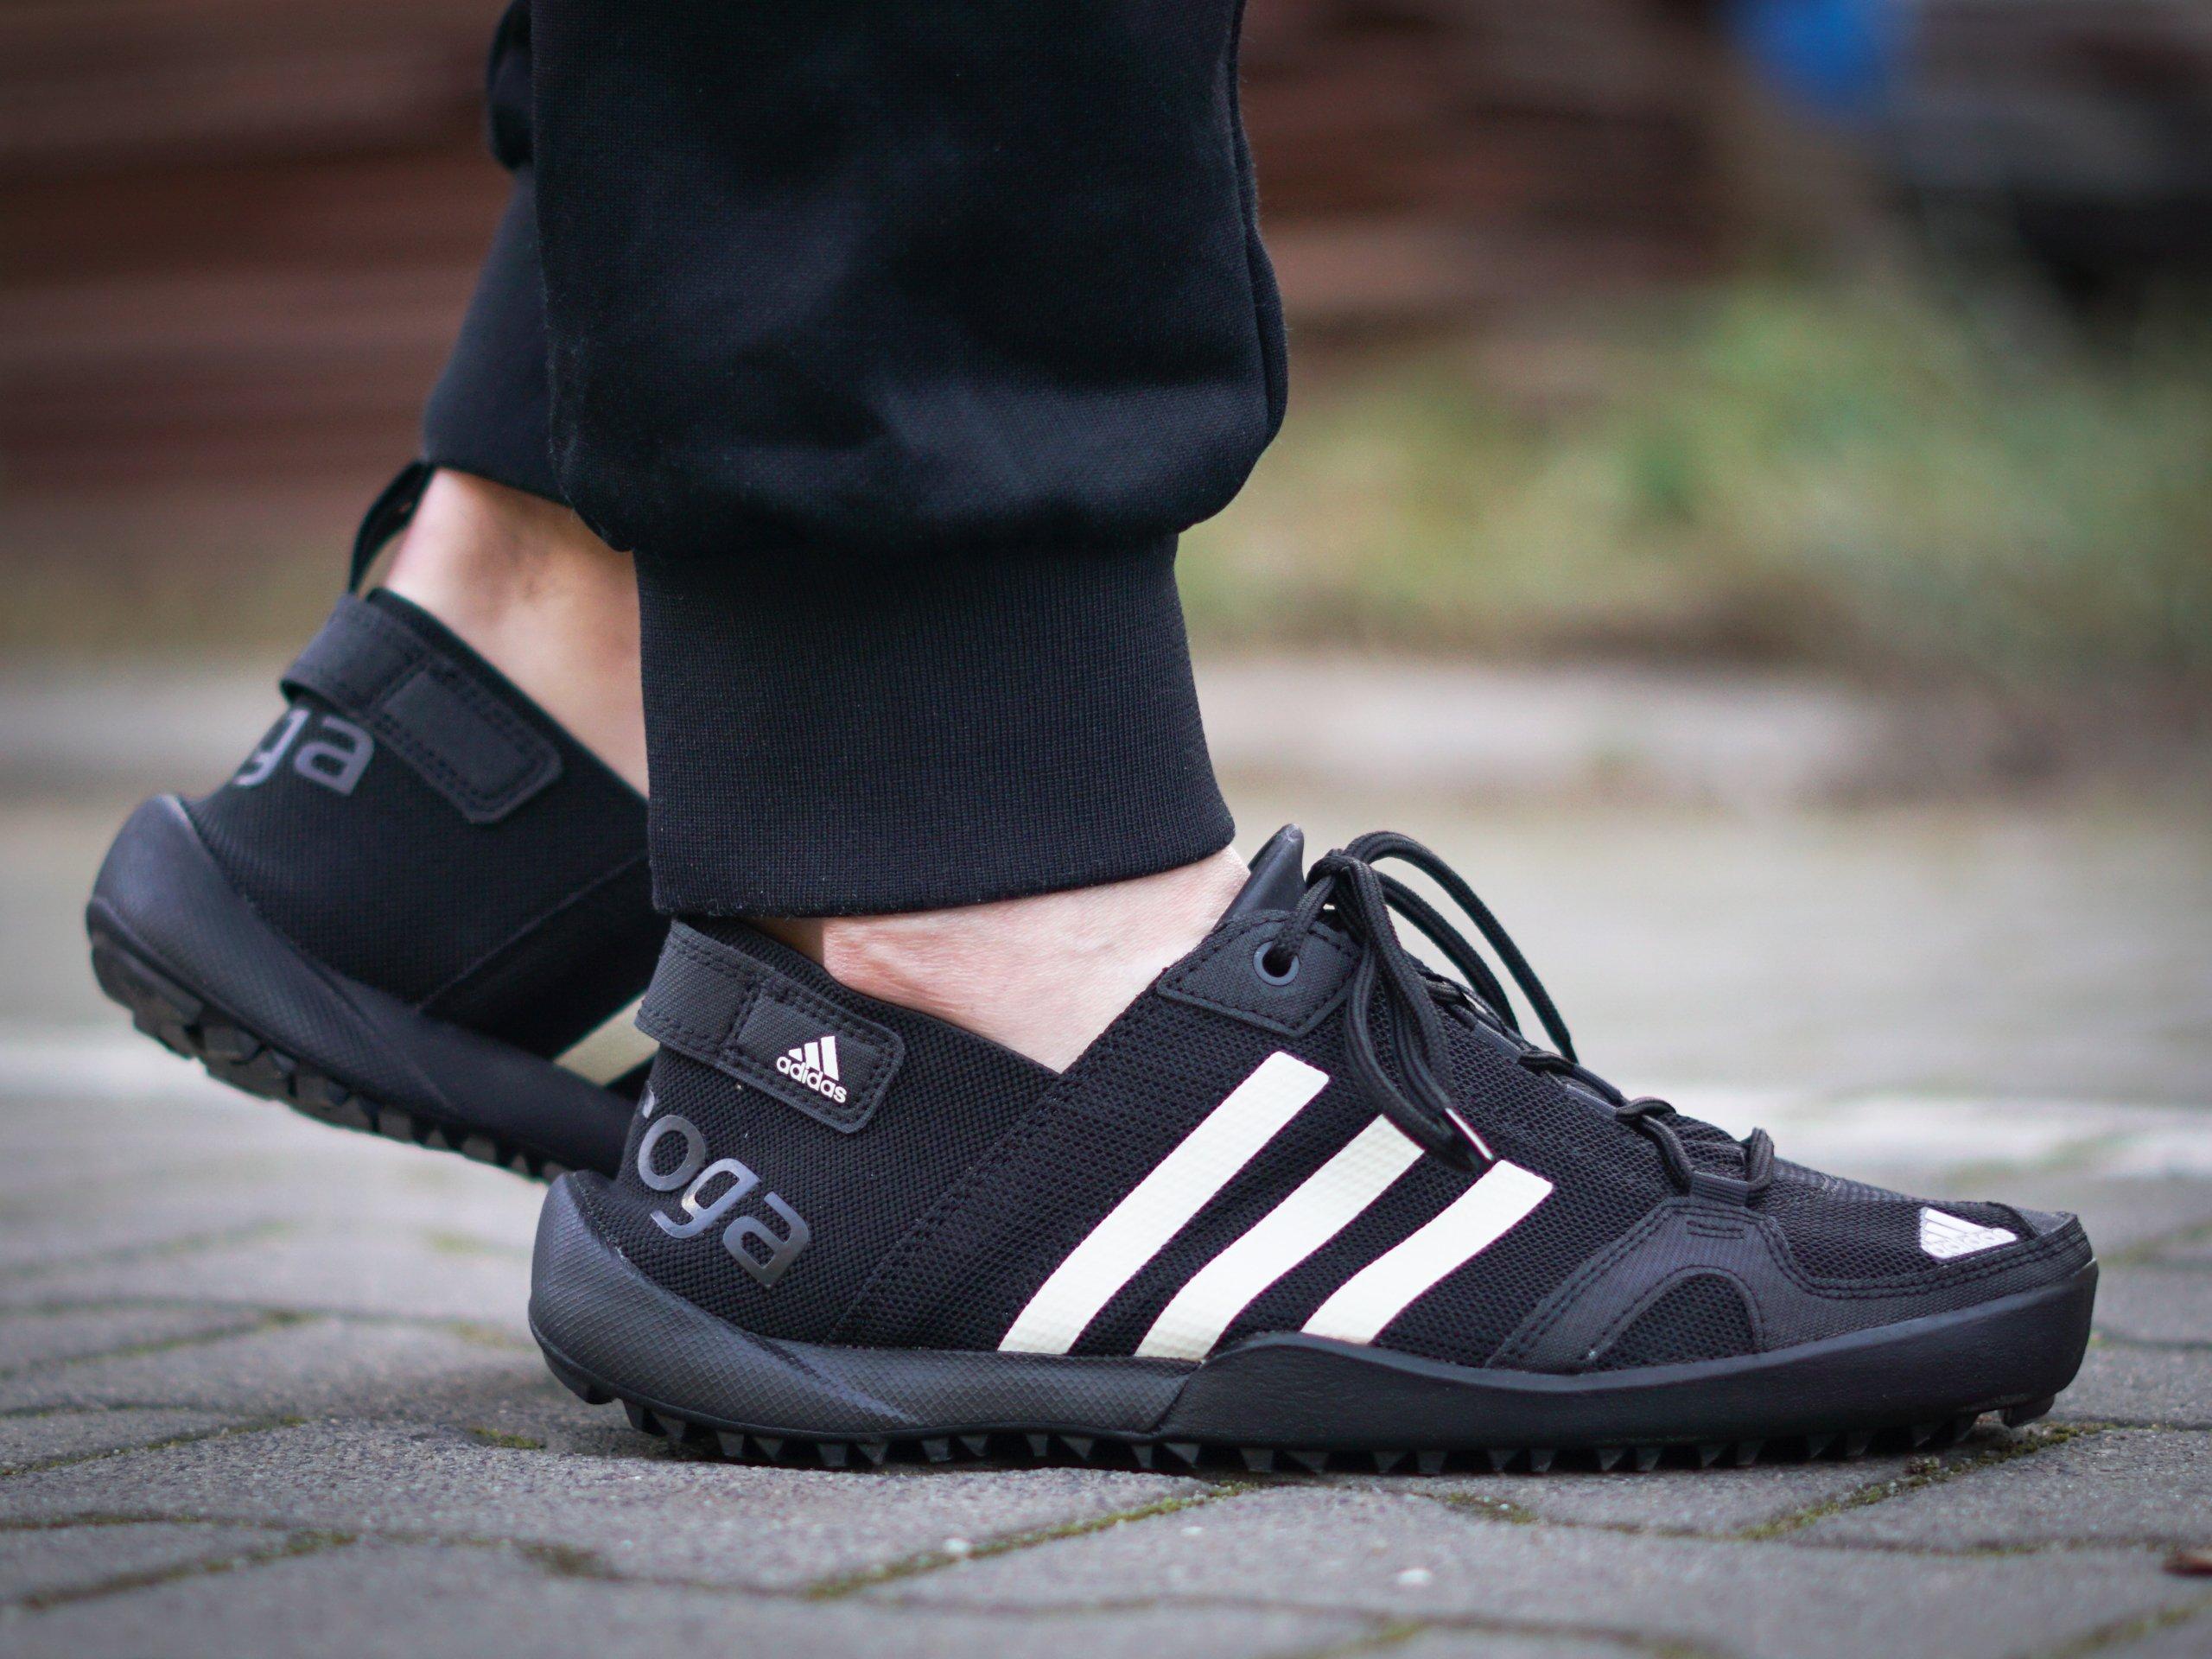 Adidas - Climacool Daroga Two Q21031 - Trekking Shoes - Black / White